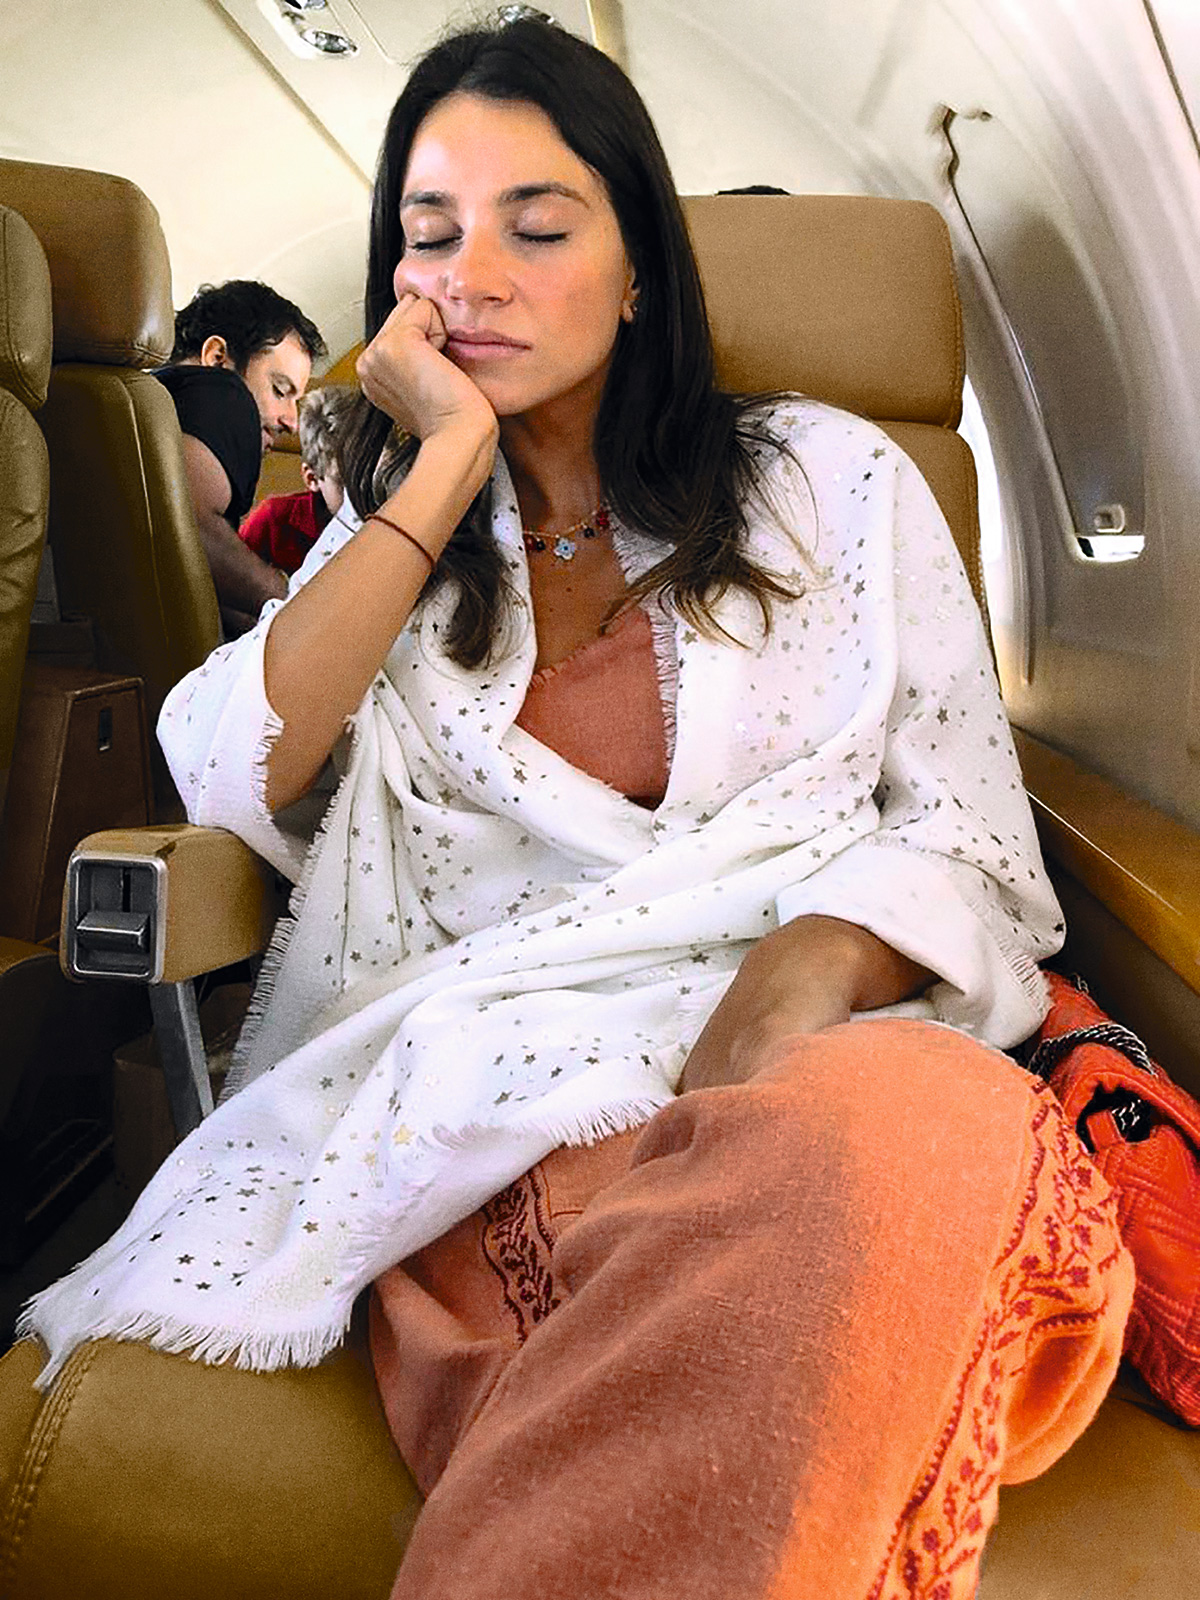 Marie Cavelan, em foto tirada pelo namorado, Marcelo Constantino, durante o trágico voo para o litoral da Bahia; ao fundo, vê-se Tuka Rocha conversando com o garoto Eduardo